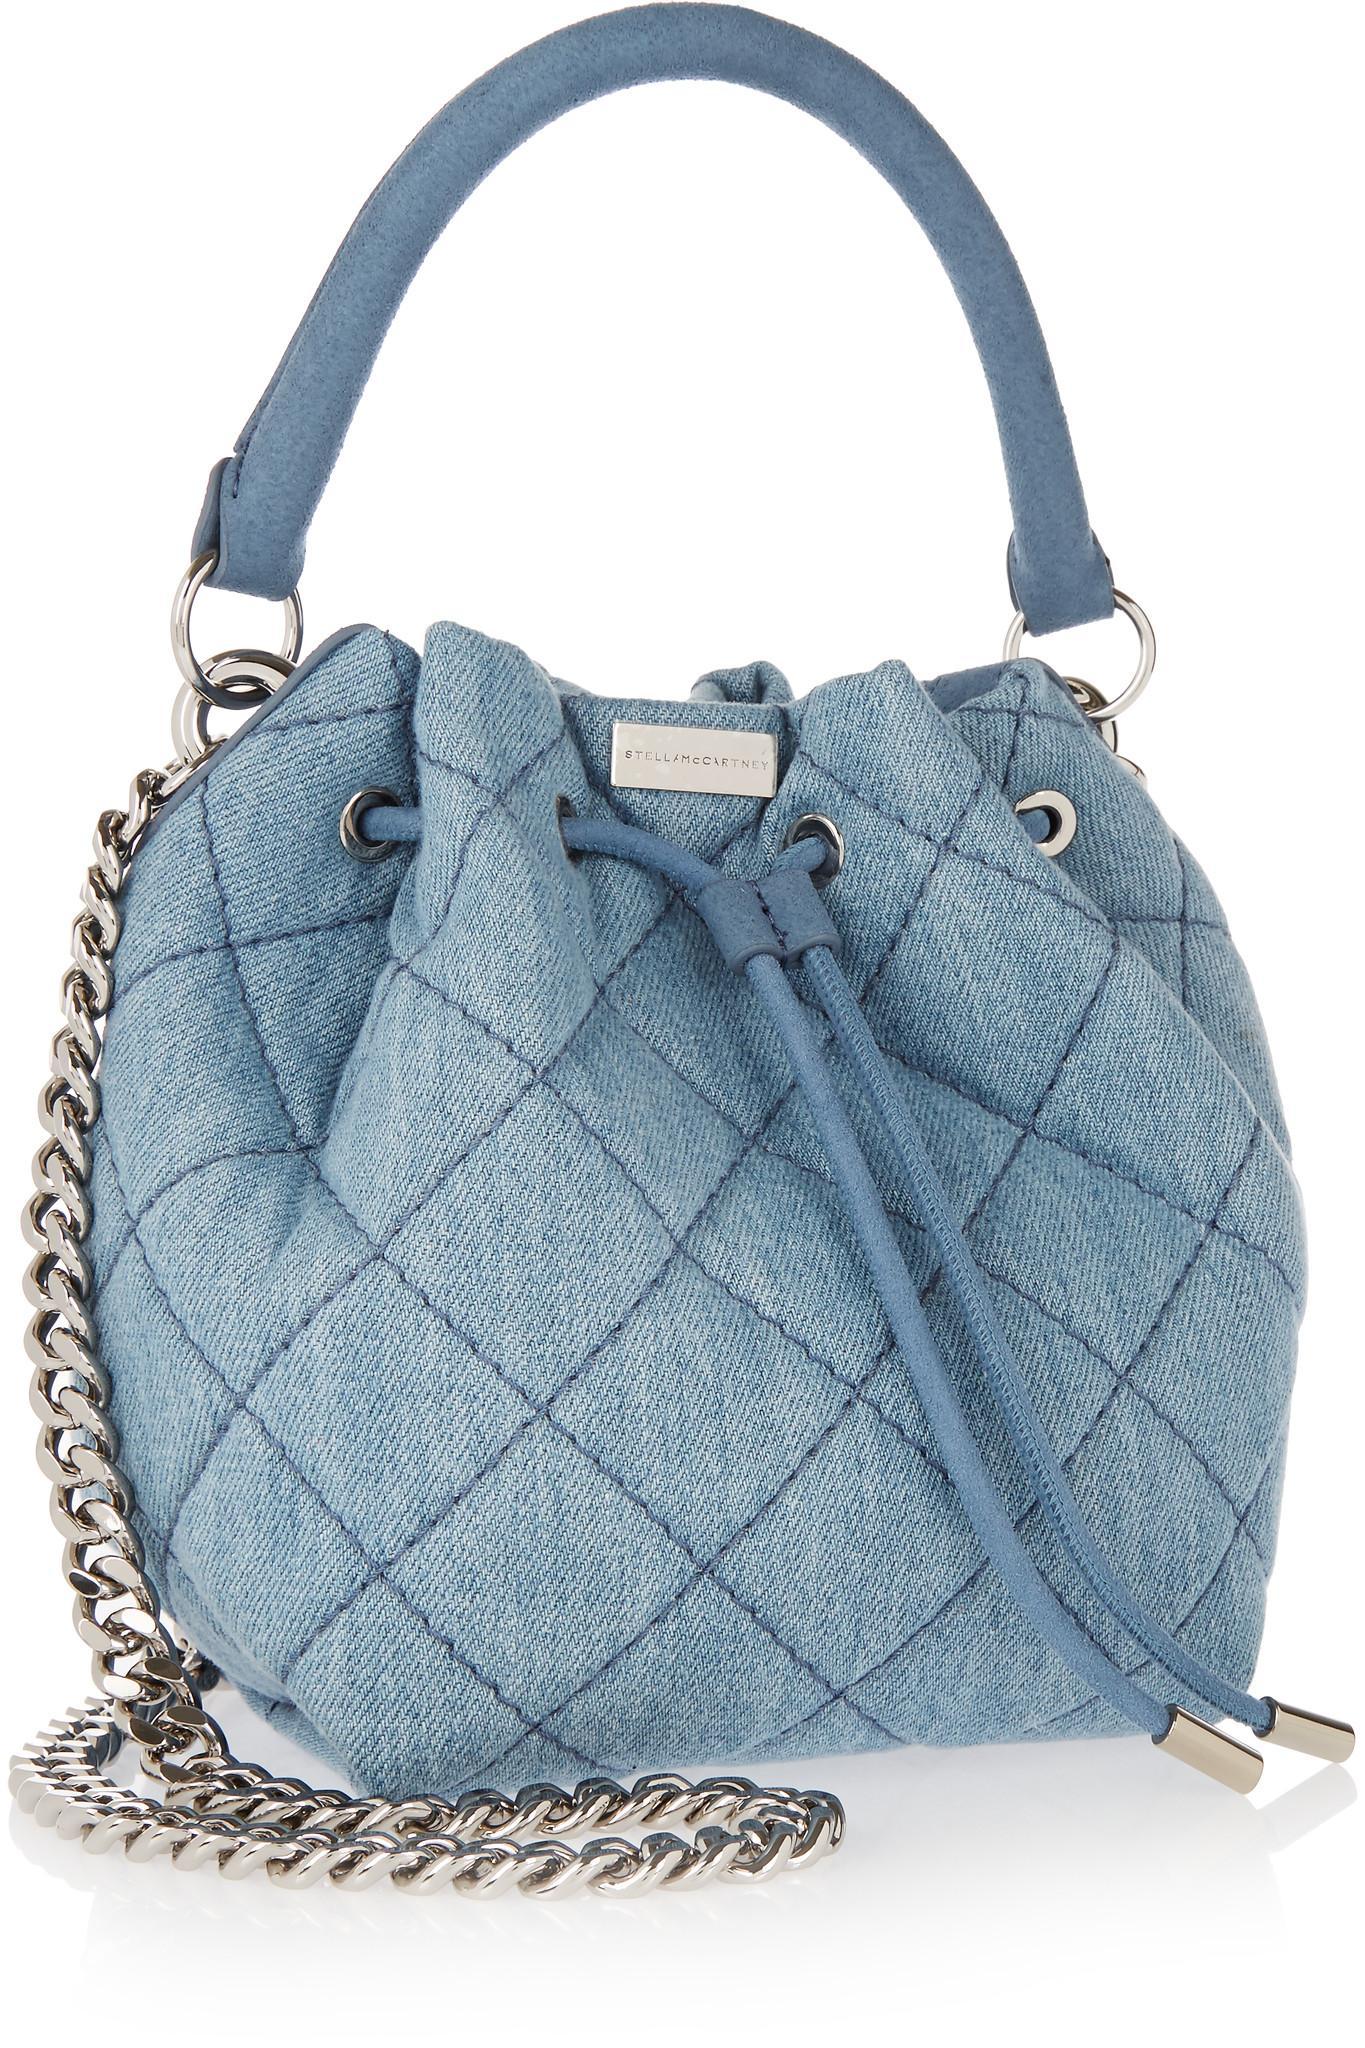 b7b90c5486b0 Lyst - Stella McCartney Beckett Small Quilted Denim Bucket Bag in Blue